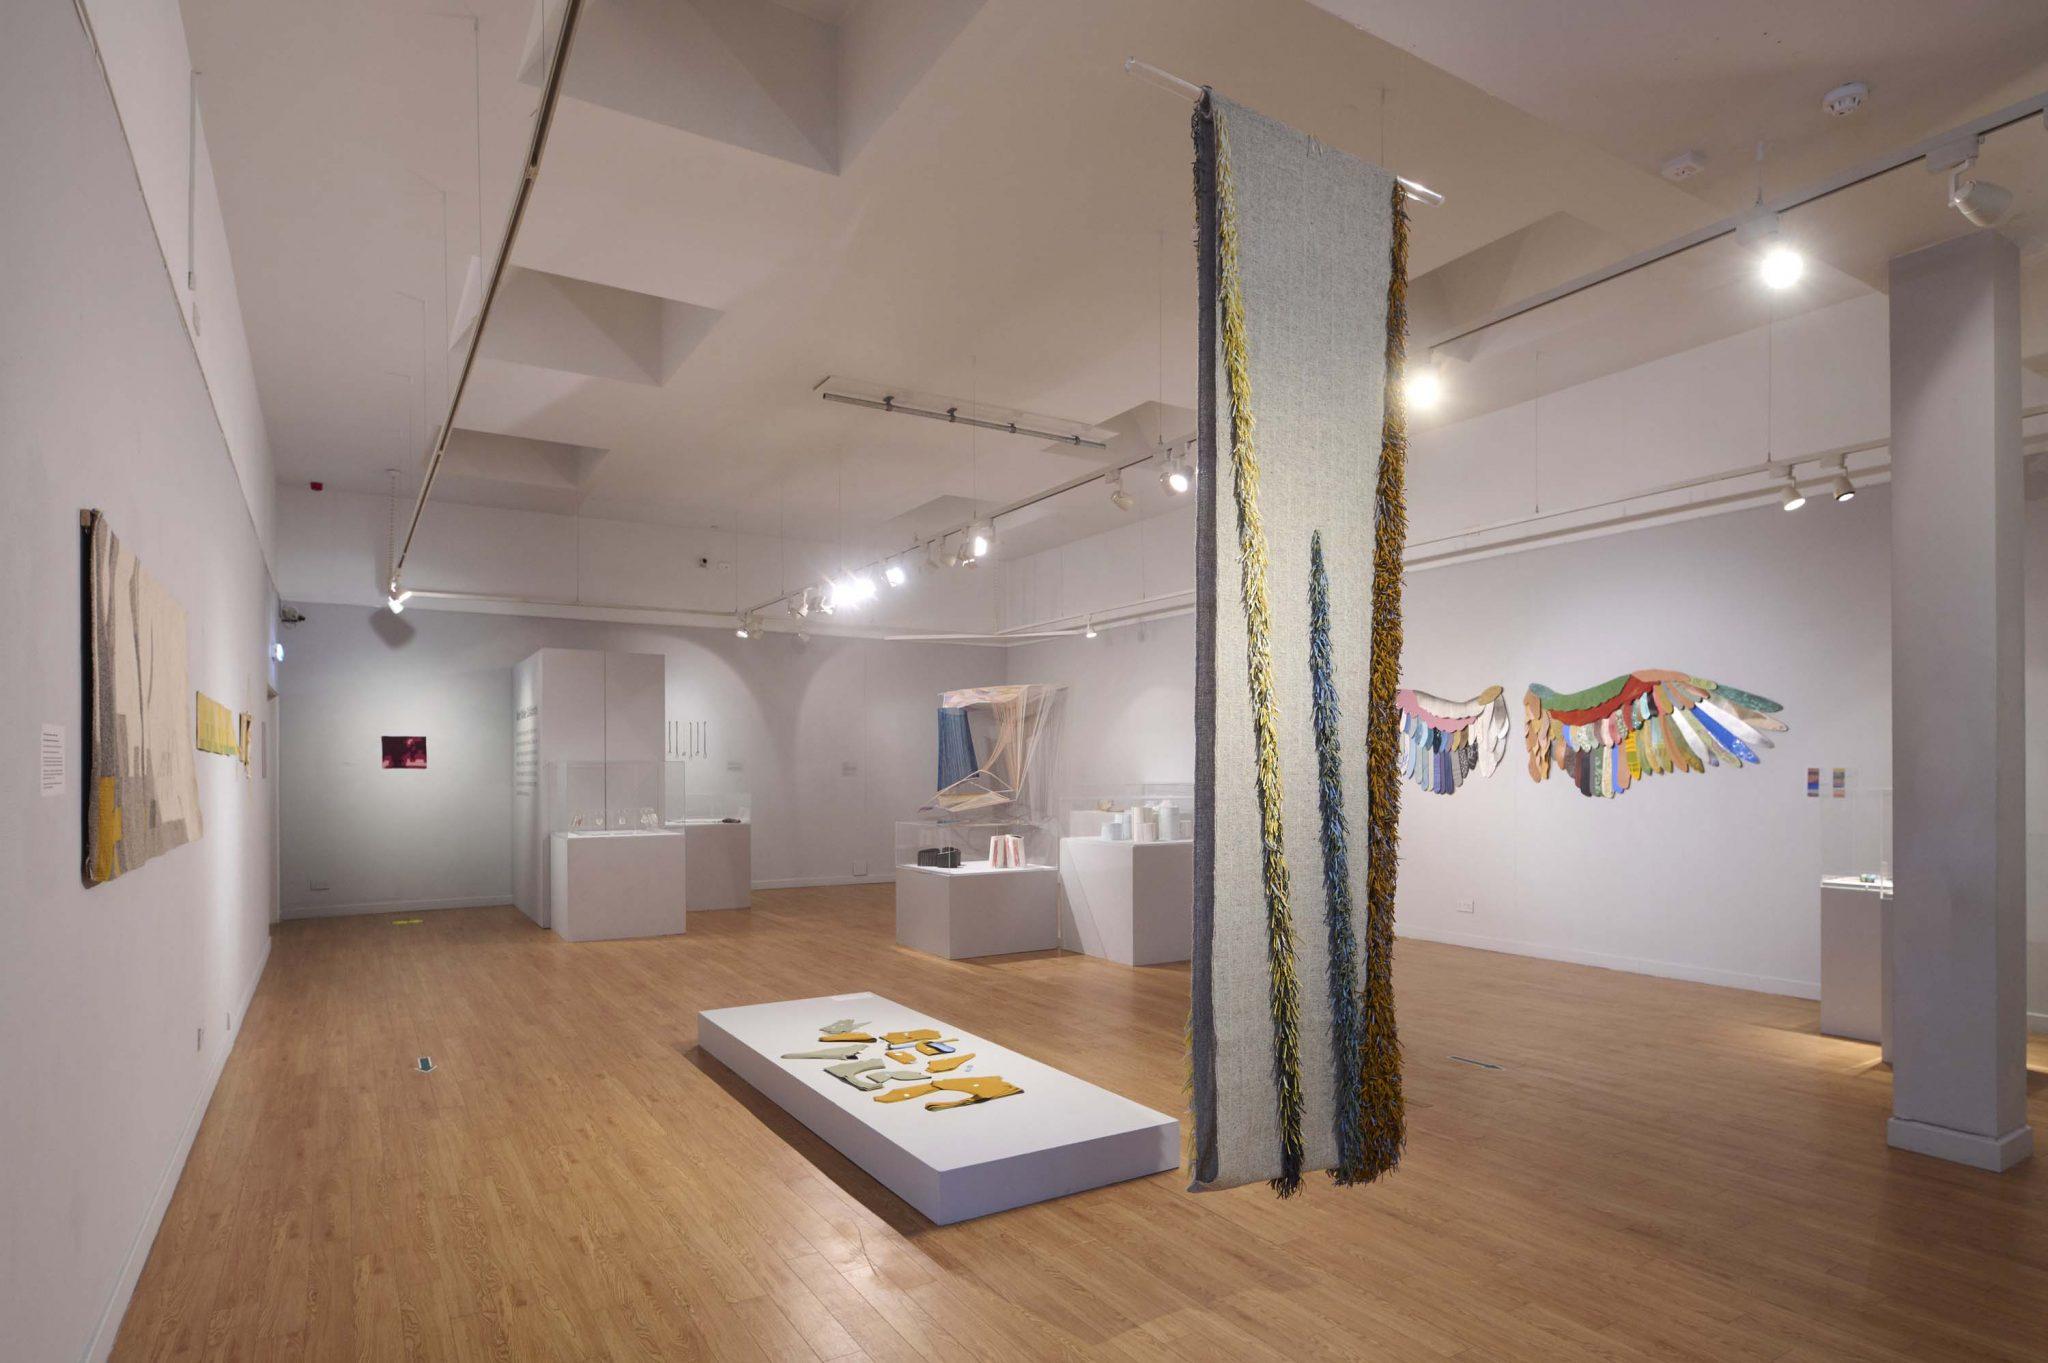 Installation view, Meet, Make, Collaborate -- Photo: Ewen Weatherspoon